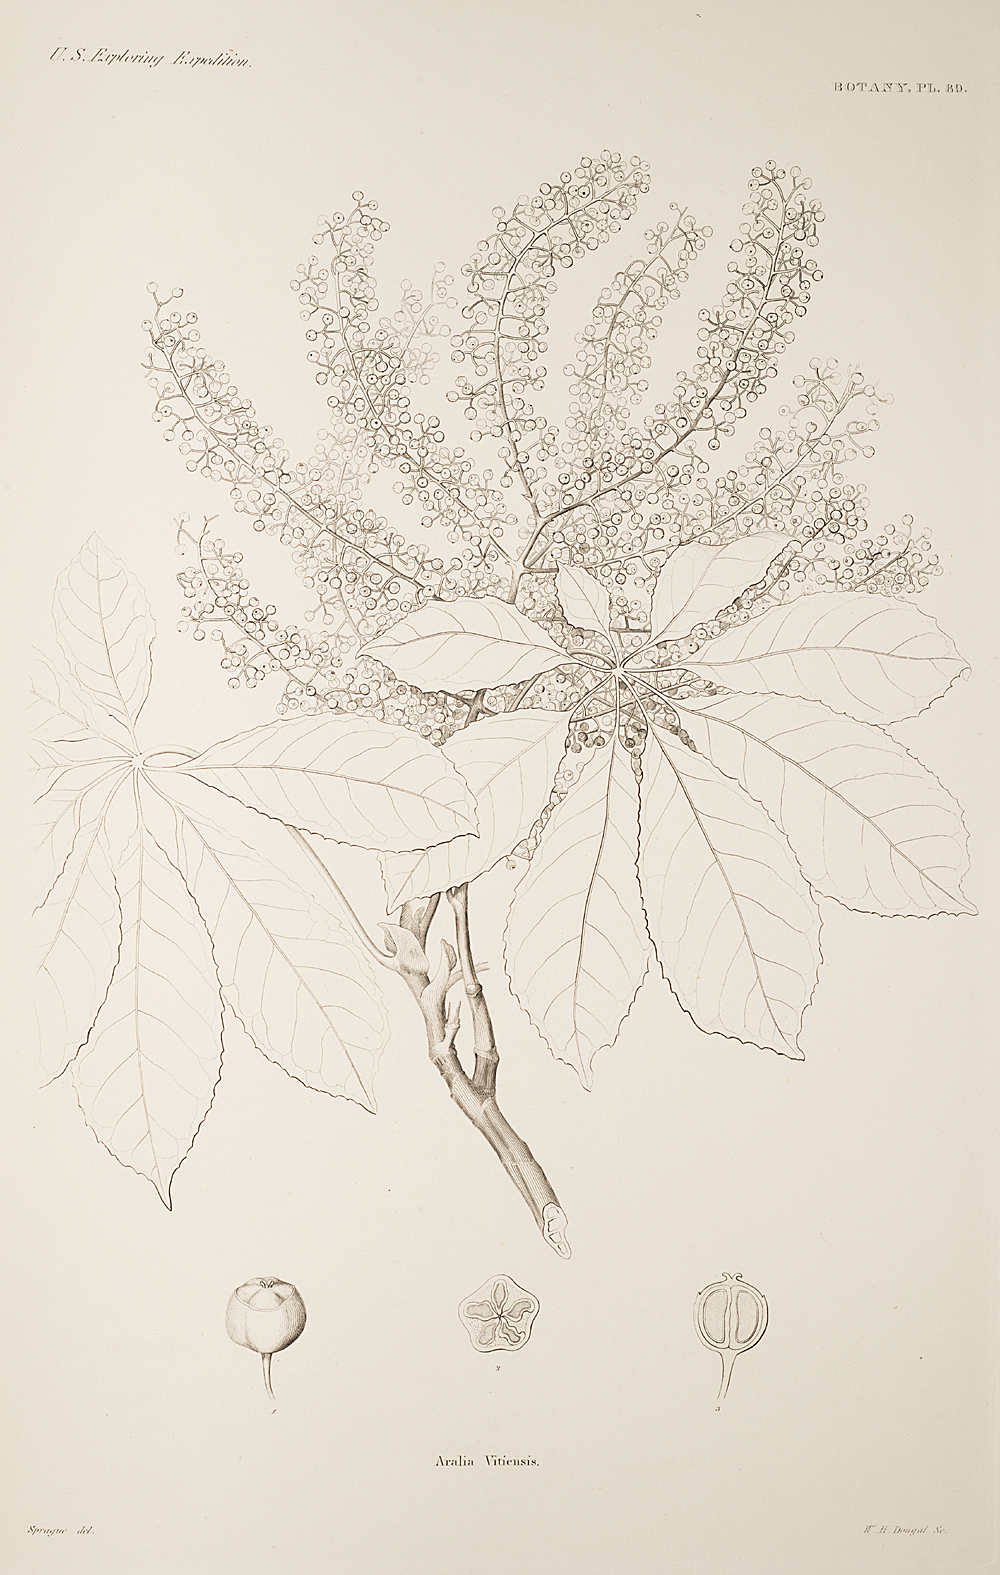 Botany, Pl. 89,  Image number:sil19-23-189b